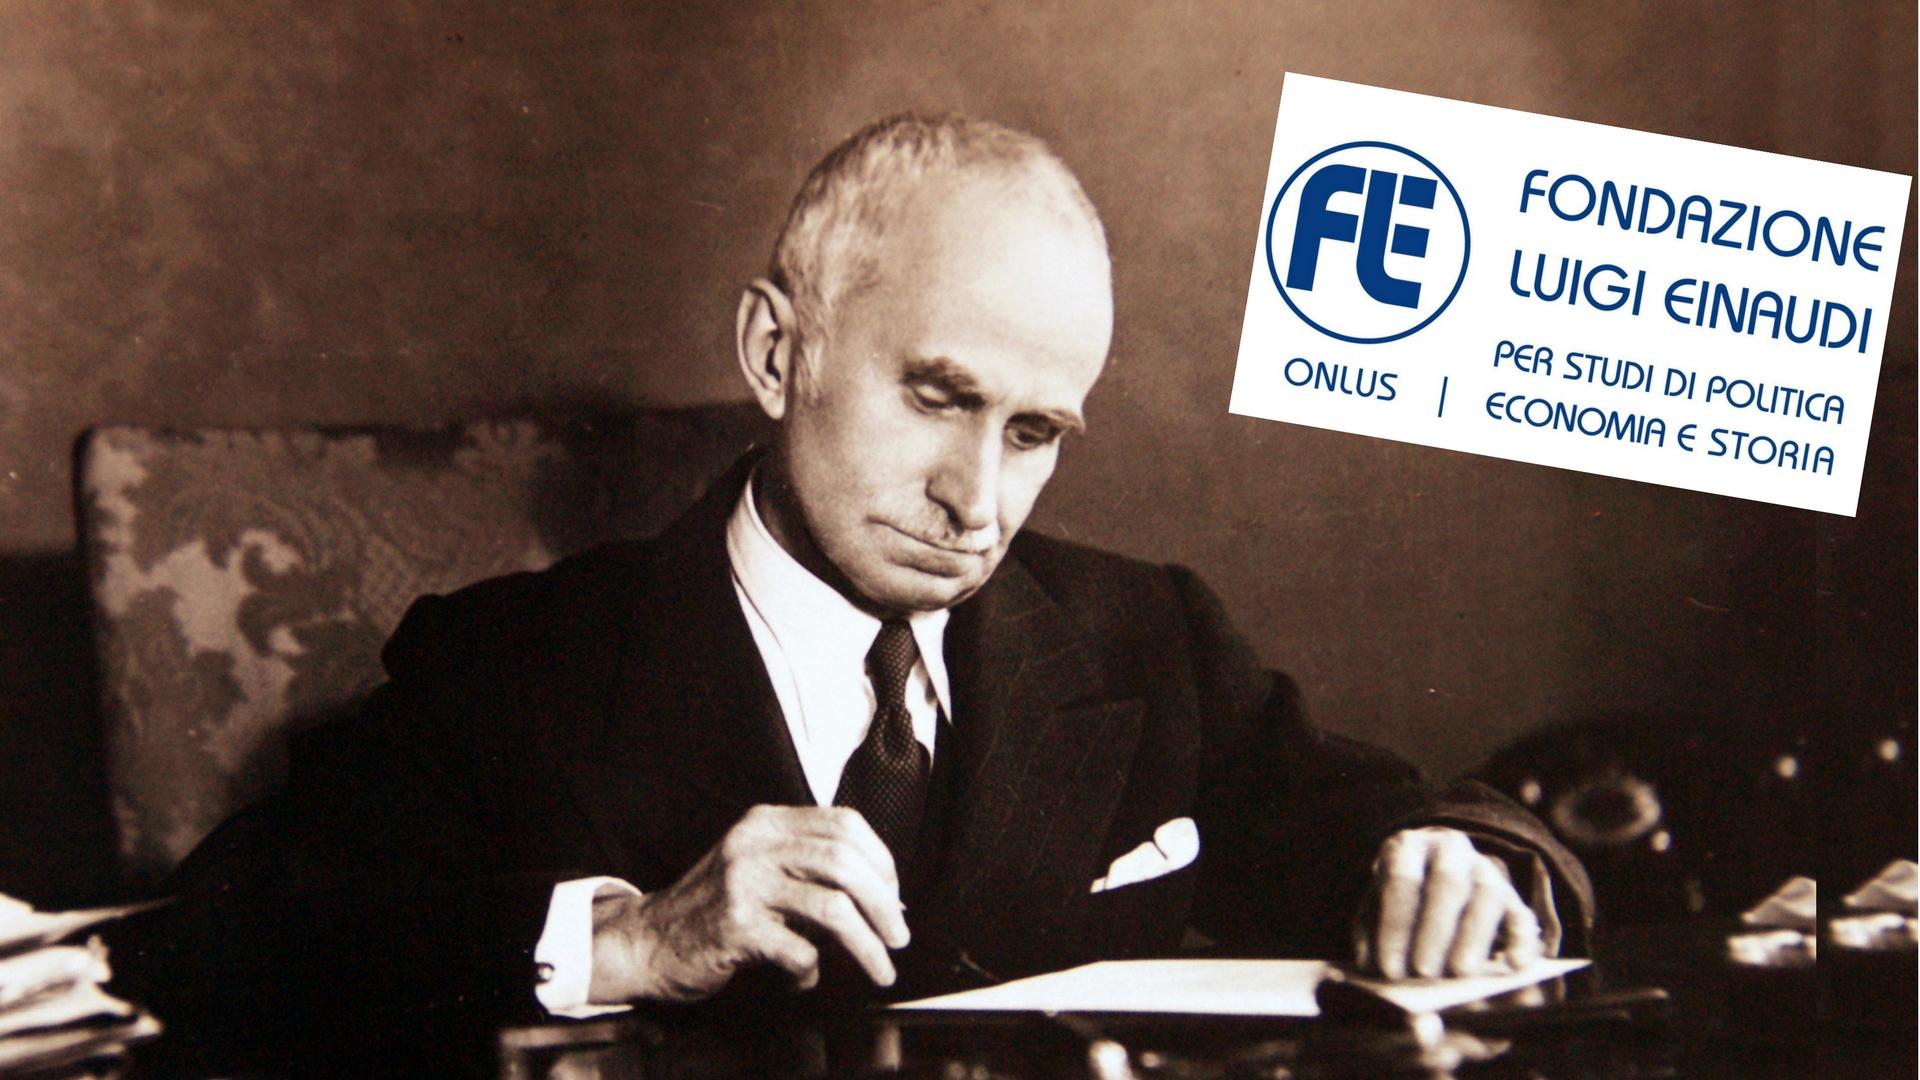 La Fondazione Einaudi compie 55 anni